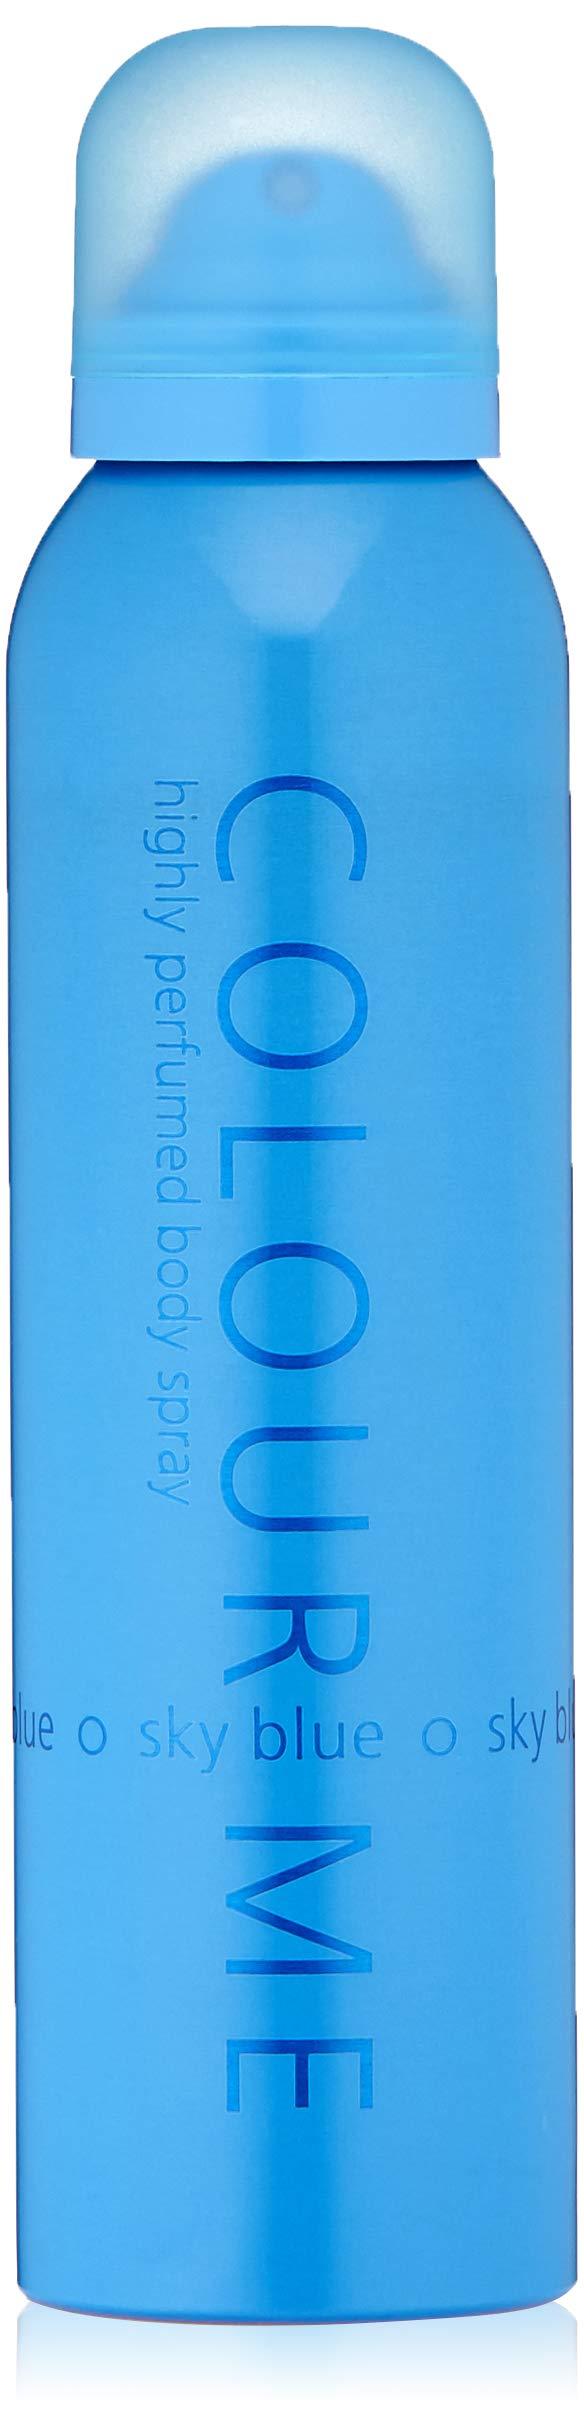 Colour Me | Sky Blue | Body Spray Mist | Womens Fragrance | Chypre Floral Scent | 5.1 oz. (Color: Sky blue, Tamaño: 5.1 oz Body Spray)